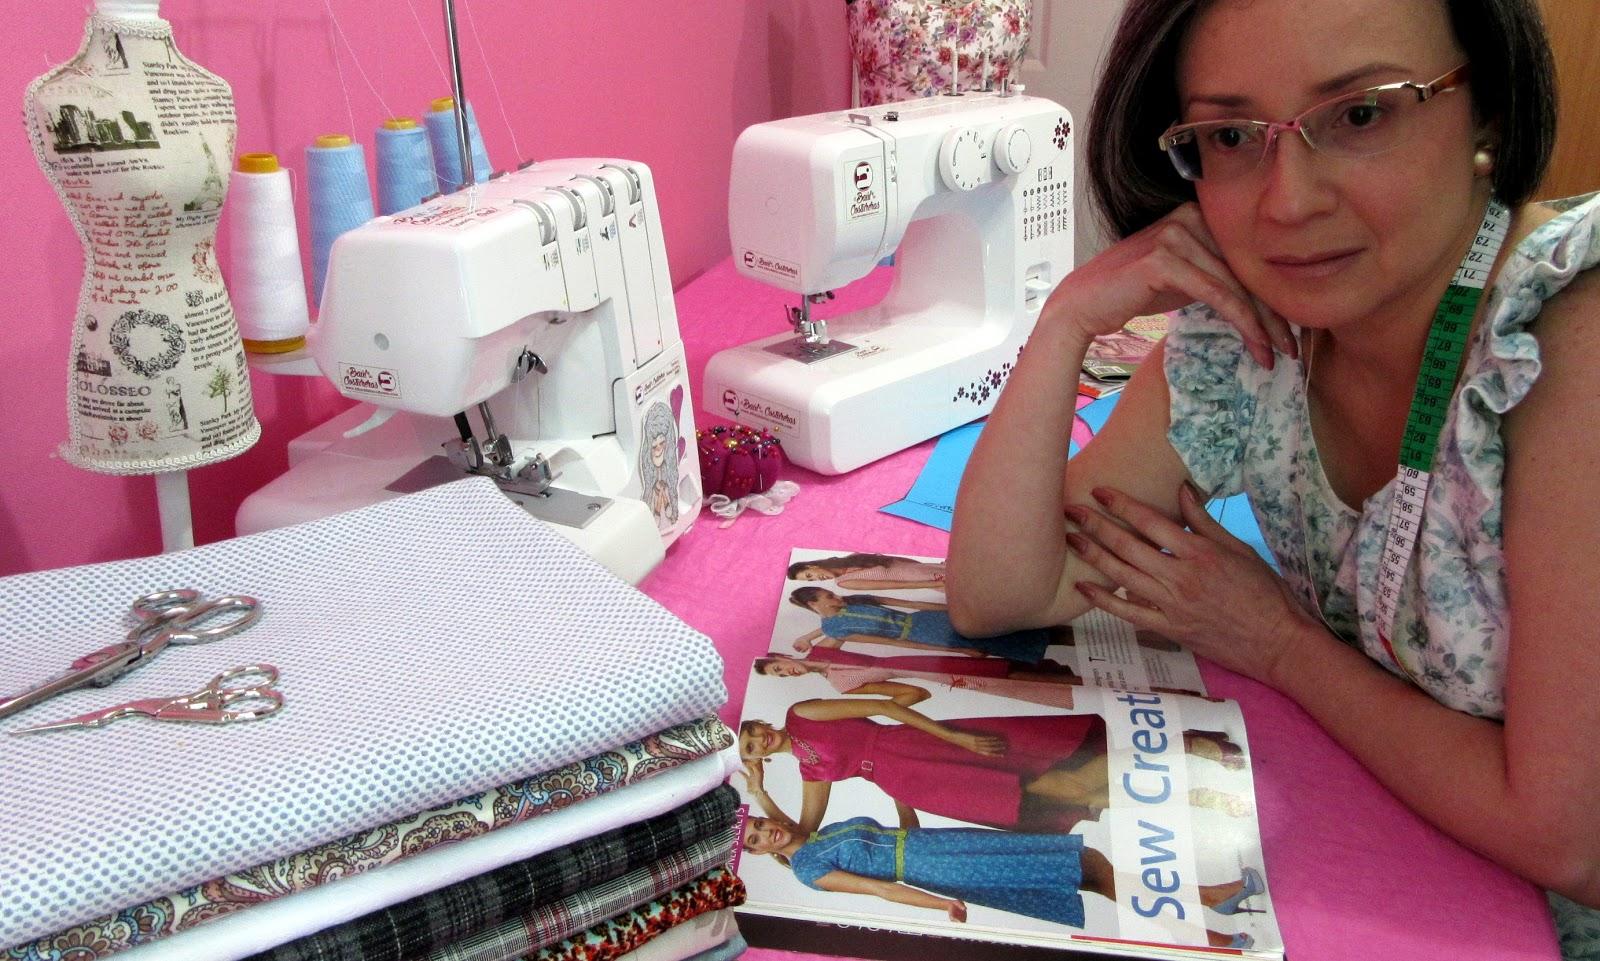 cómo iniciarte en la costura 5 consejos útiles de costura fácil